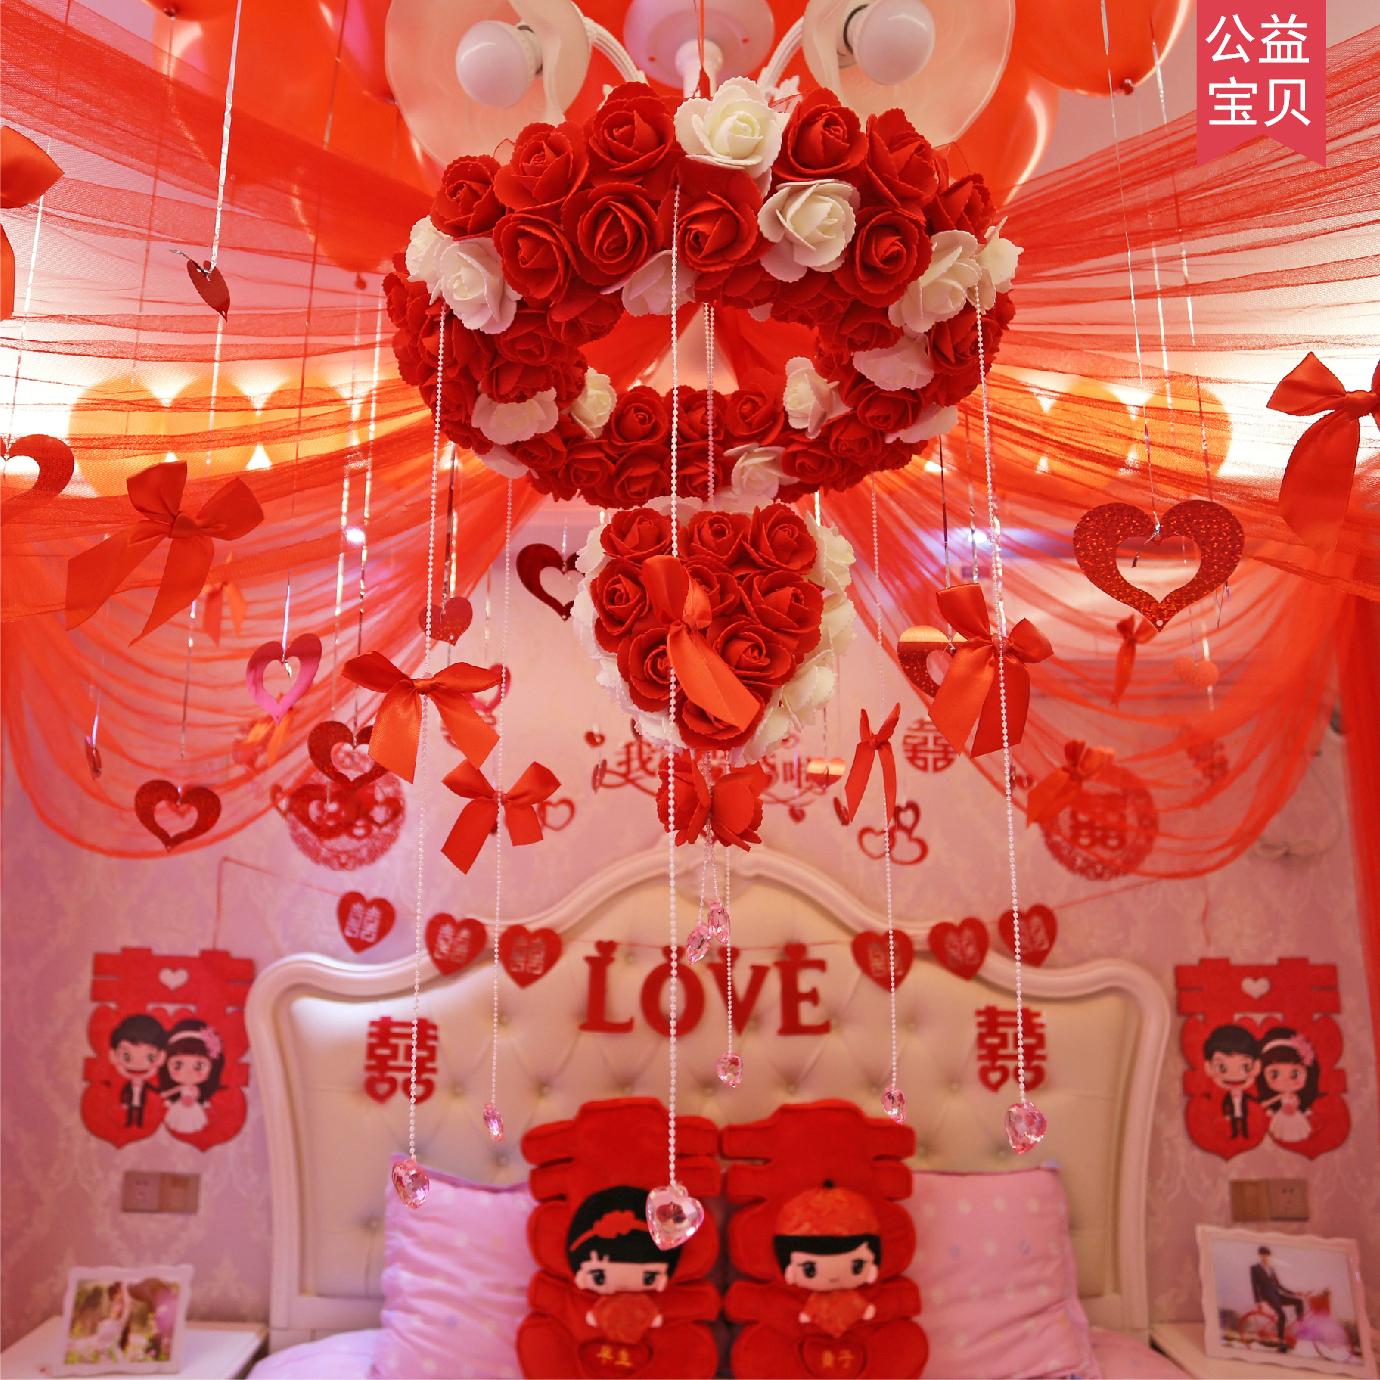 婚庆新房_【图】婚房花球装饰 包邮|价格_婚房花球装饰专卖店正品